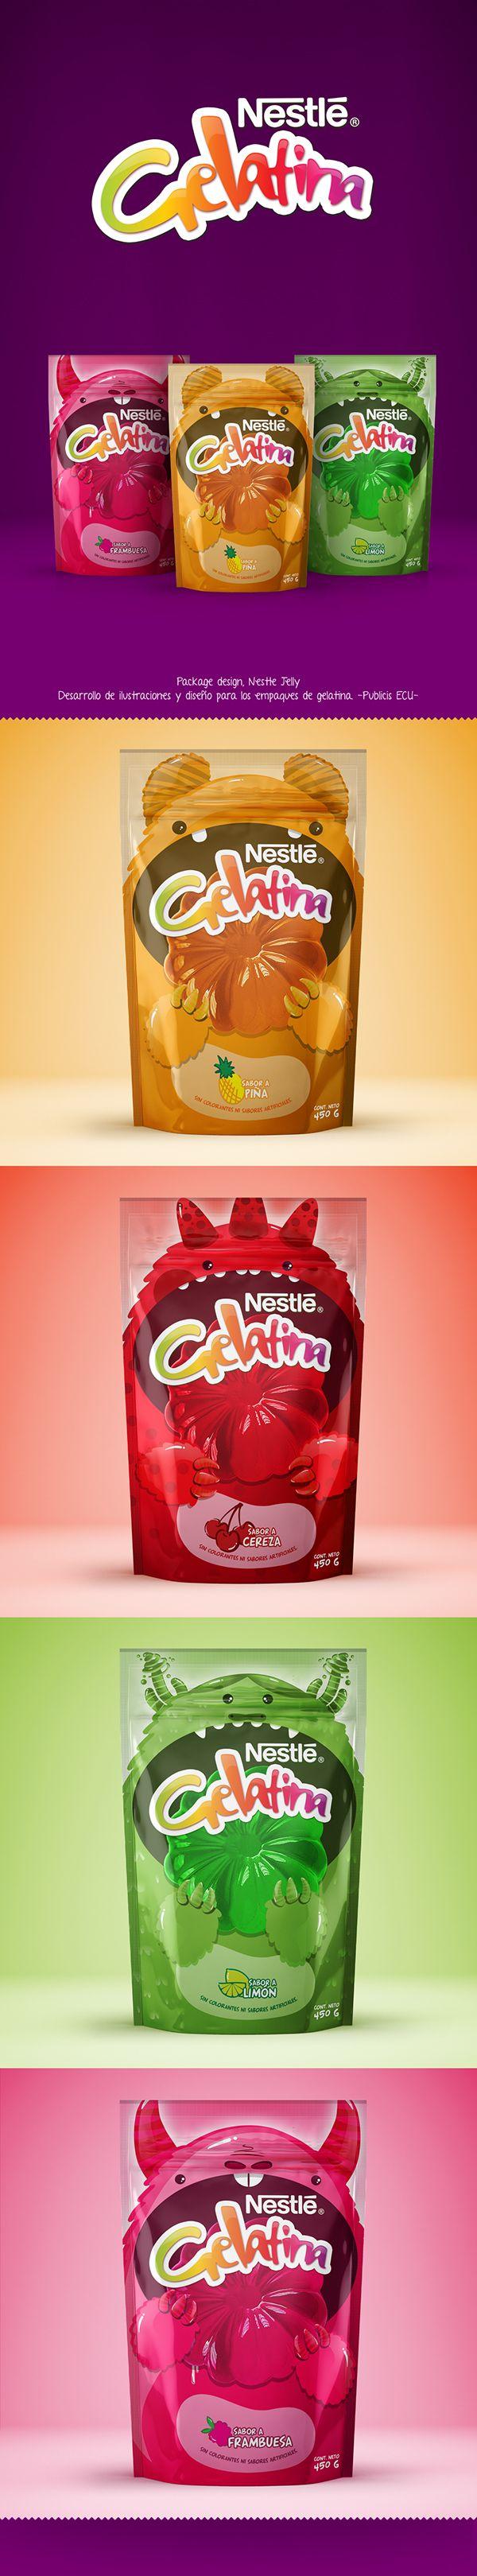 Desarrollo de ilustraciones para el diseño de empaques de gelatina, Nestle. Package design, Nestle Jelly on Behance by Crispo Mfc. PD